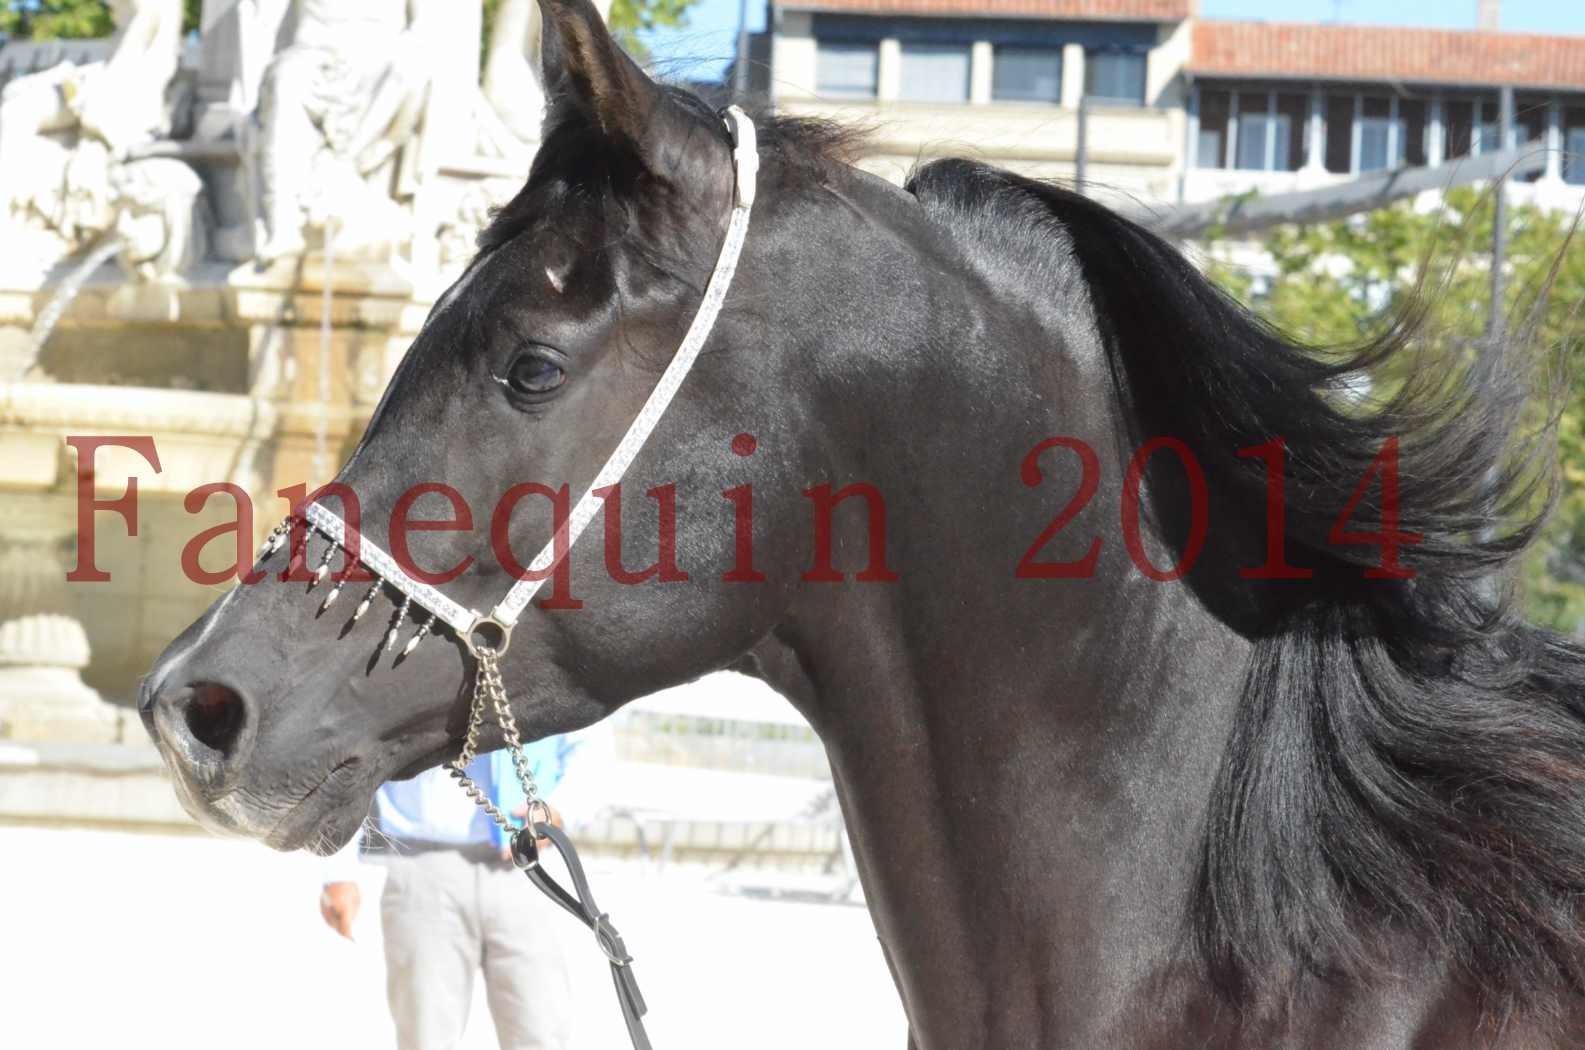 Concours National de Nîmes de chevaux ARABES 2014 - Sélection - Portraits - BALTYK DE CHAUMONT - 03